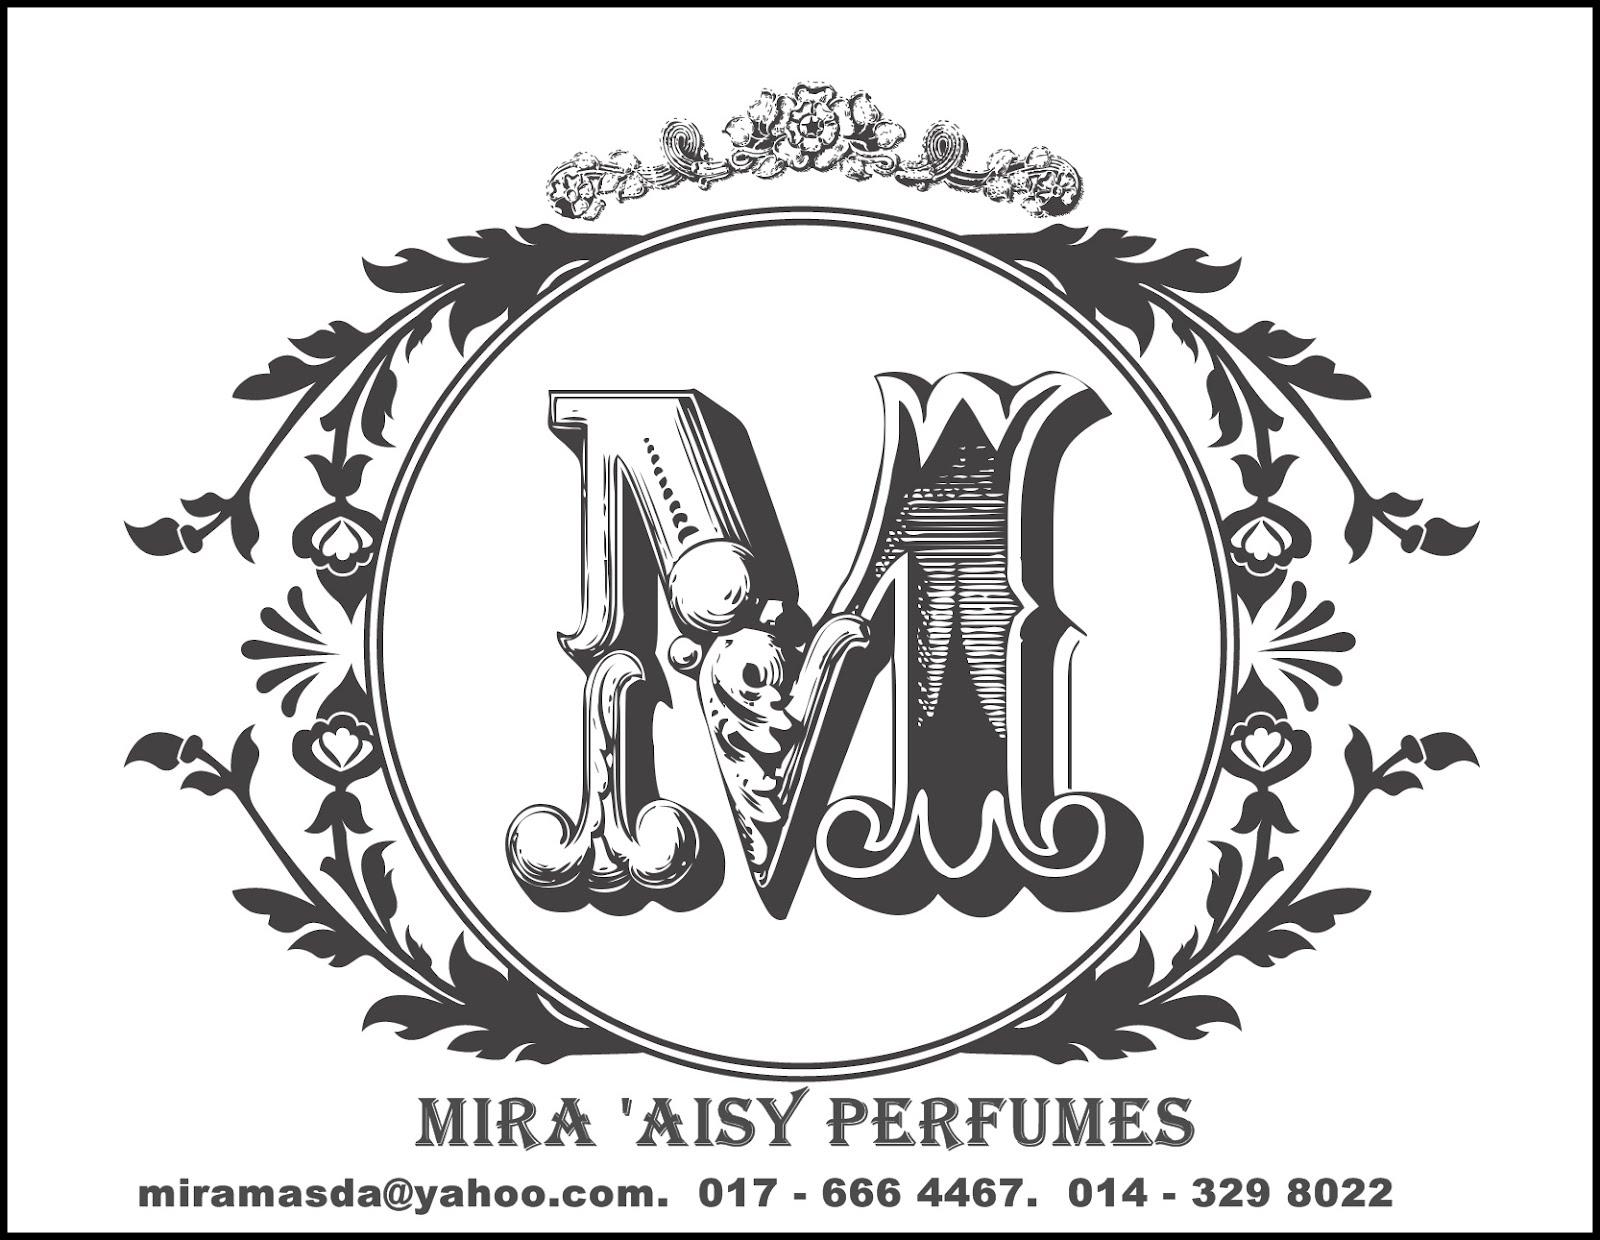 Mira 'Aisy Perfumes